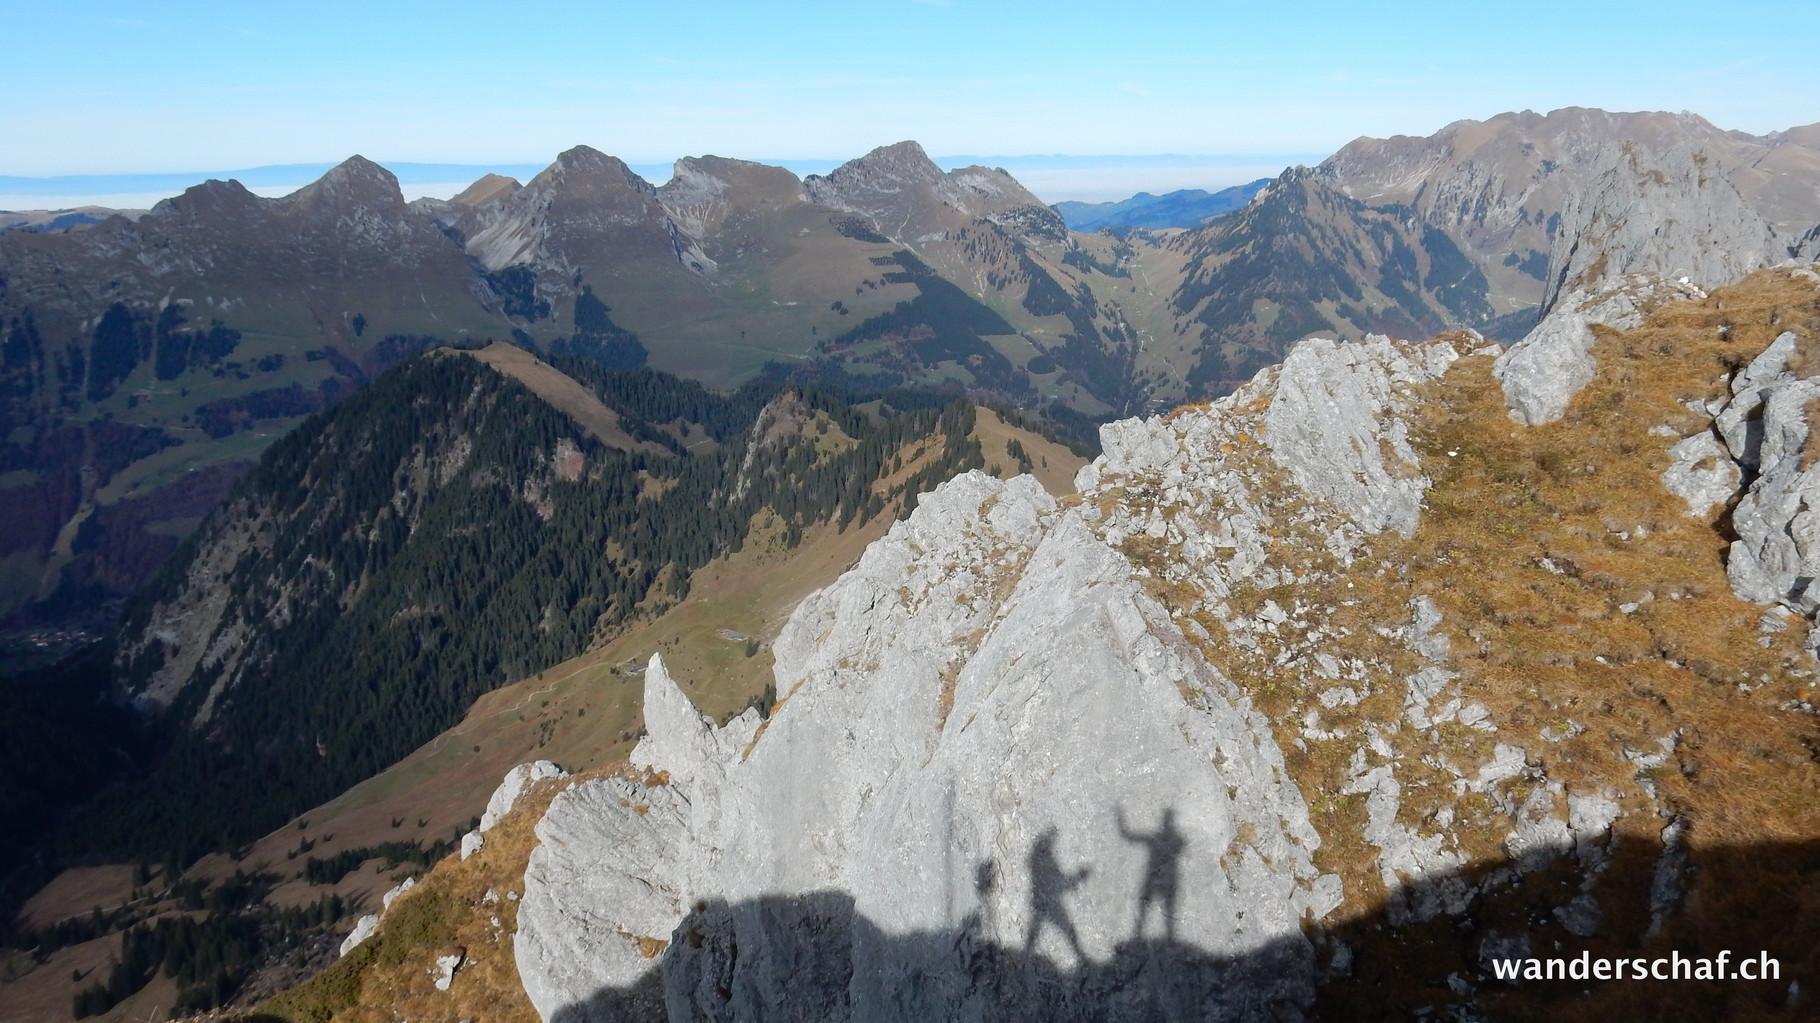 Schattenspiele mit den Schwarzseekette im Hintergrund